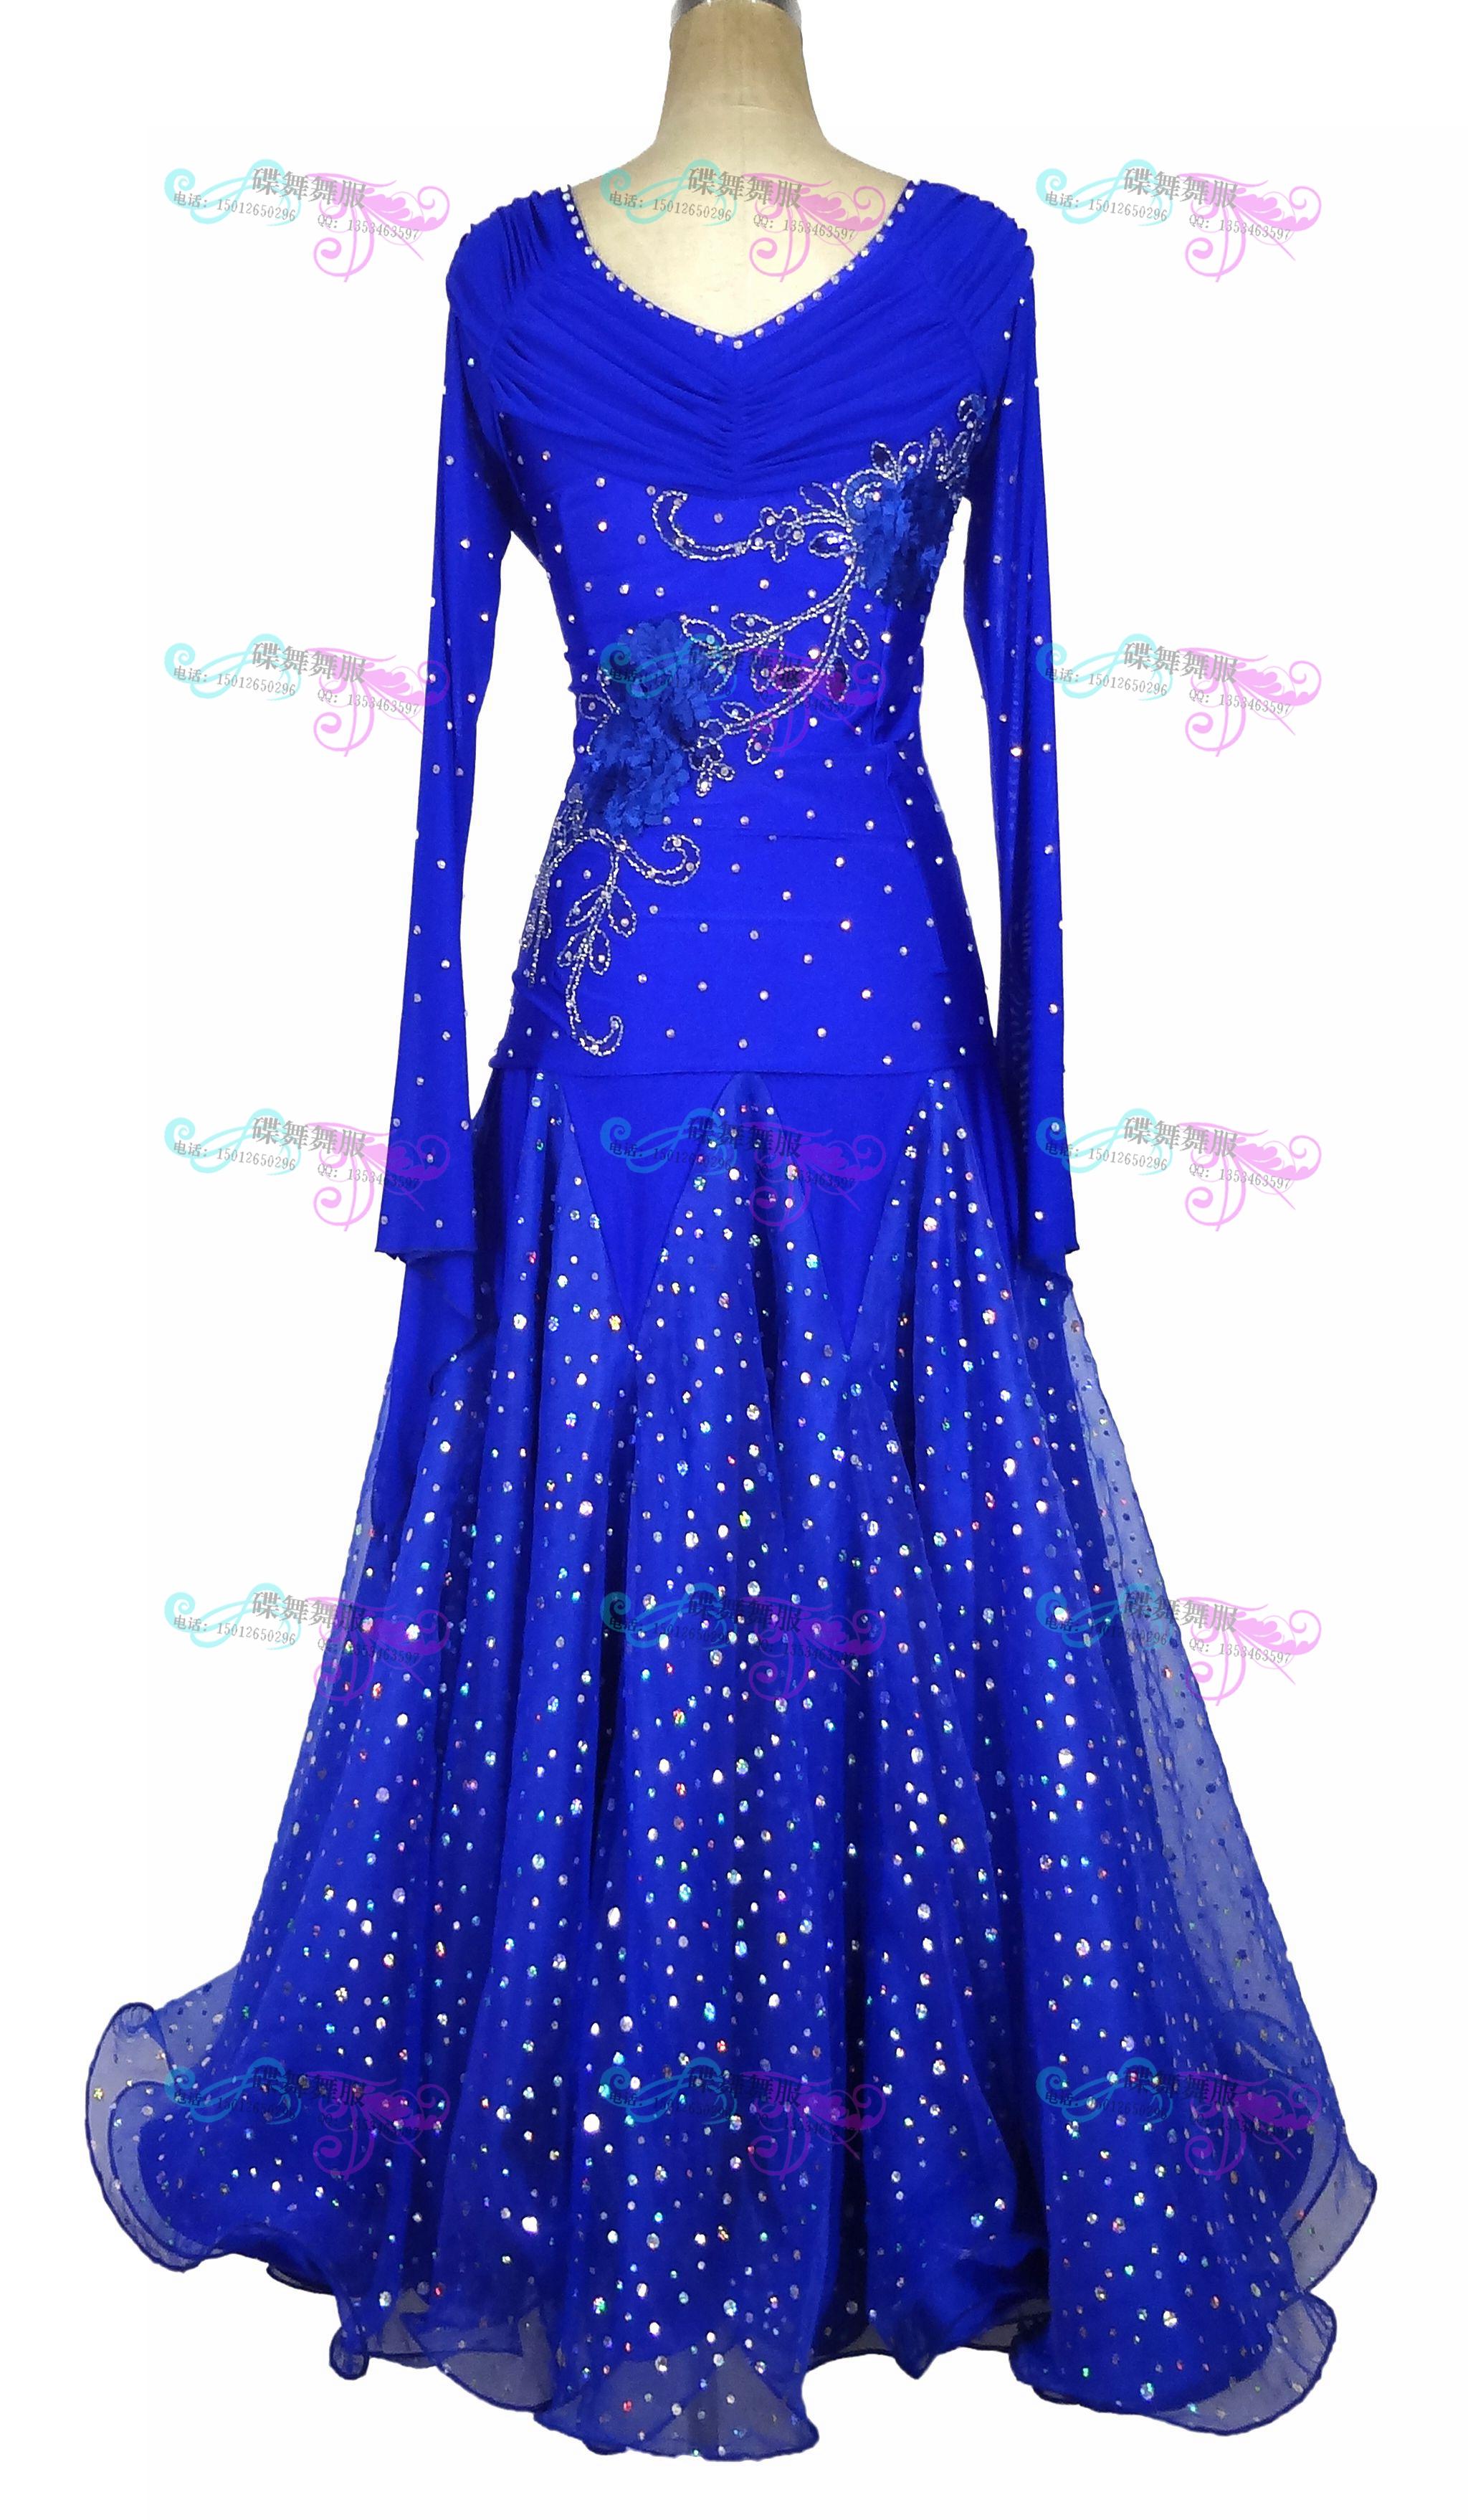 Танцевальные костюмы Butterfly dance dance clothing lx085 2013 LX086 танцевальные костюмы для латино